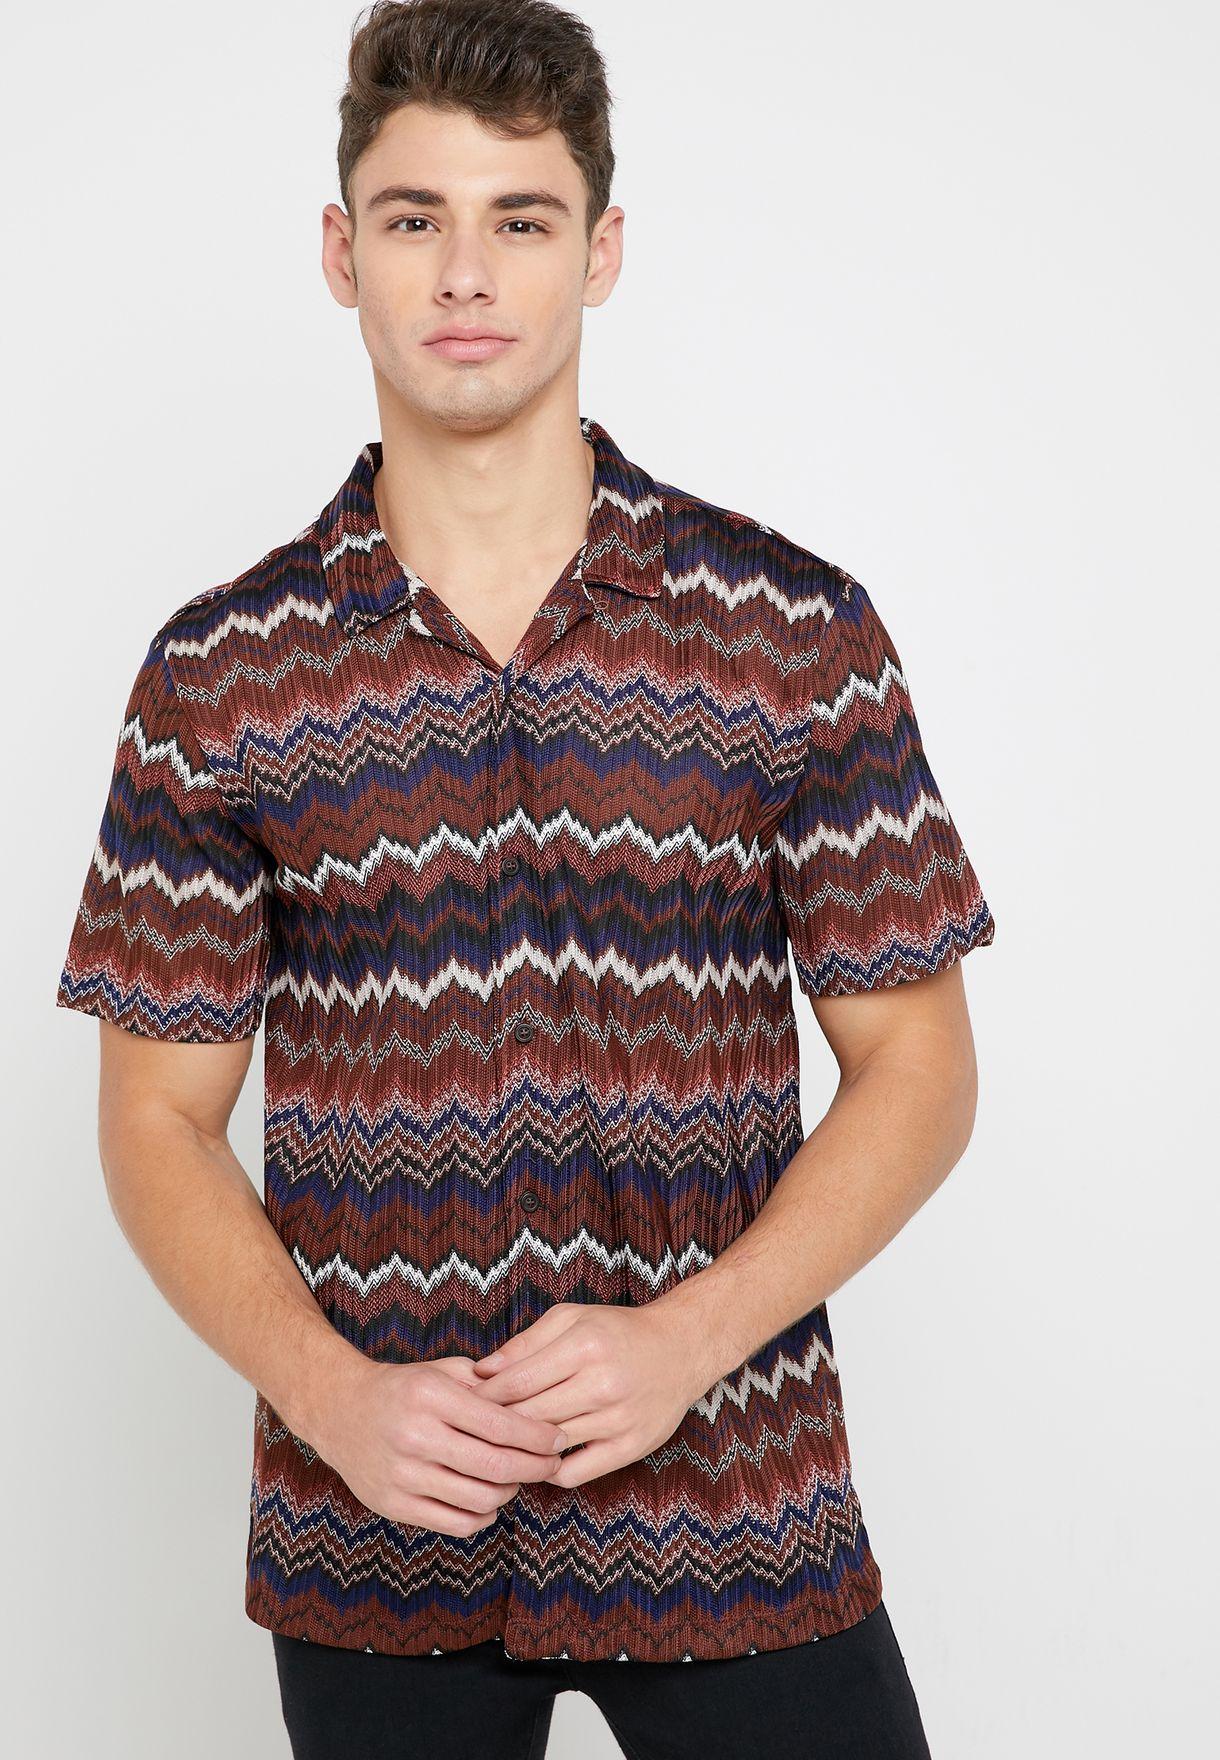 Knitted Chevron Revere Shirt